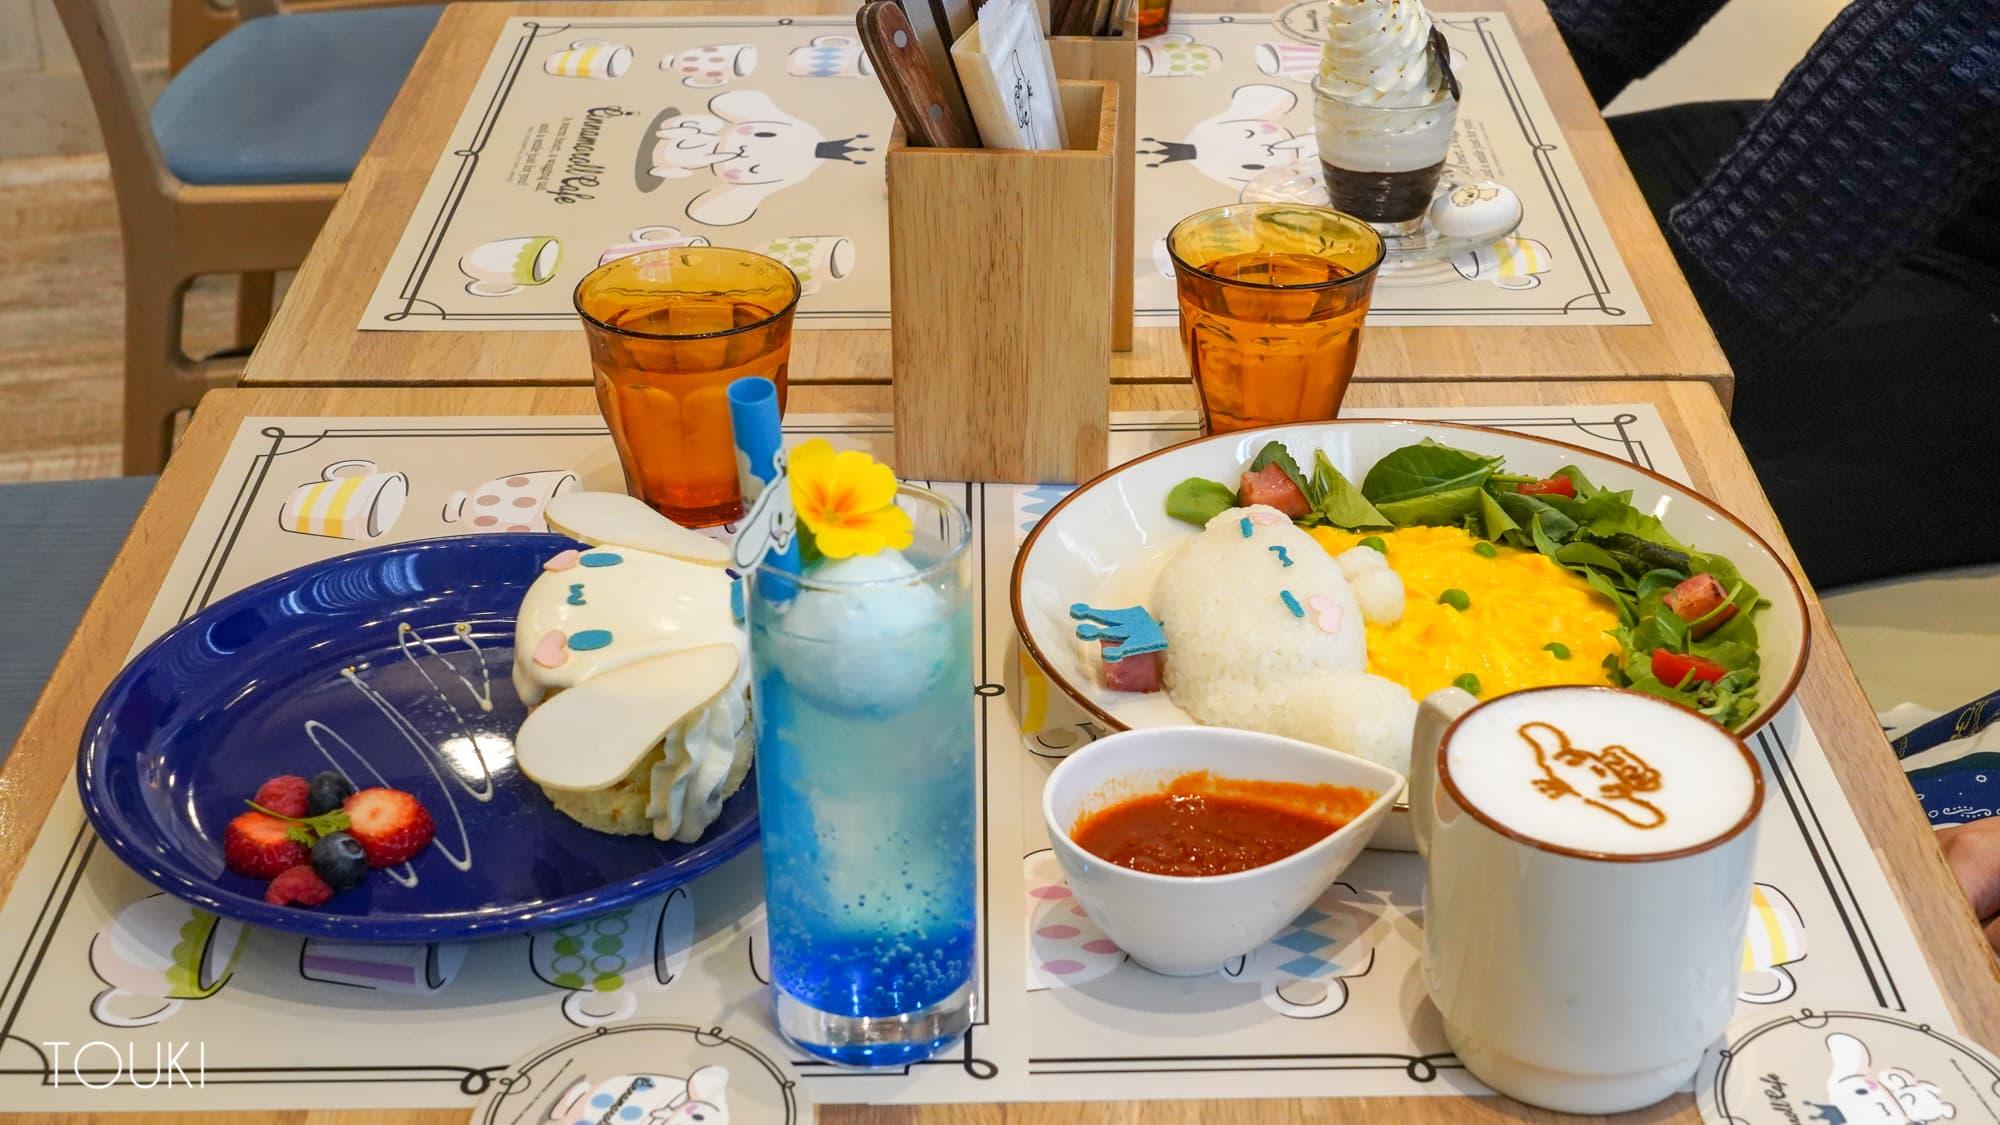 大人気サンリオキャラクターとコラボするカフェの3周年記念グッズに選ばれたオリジナルプレート